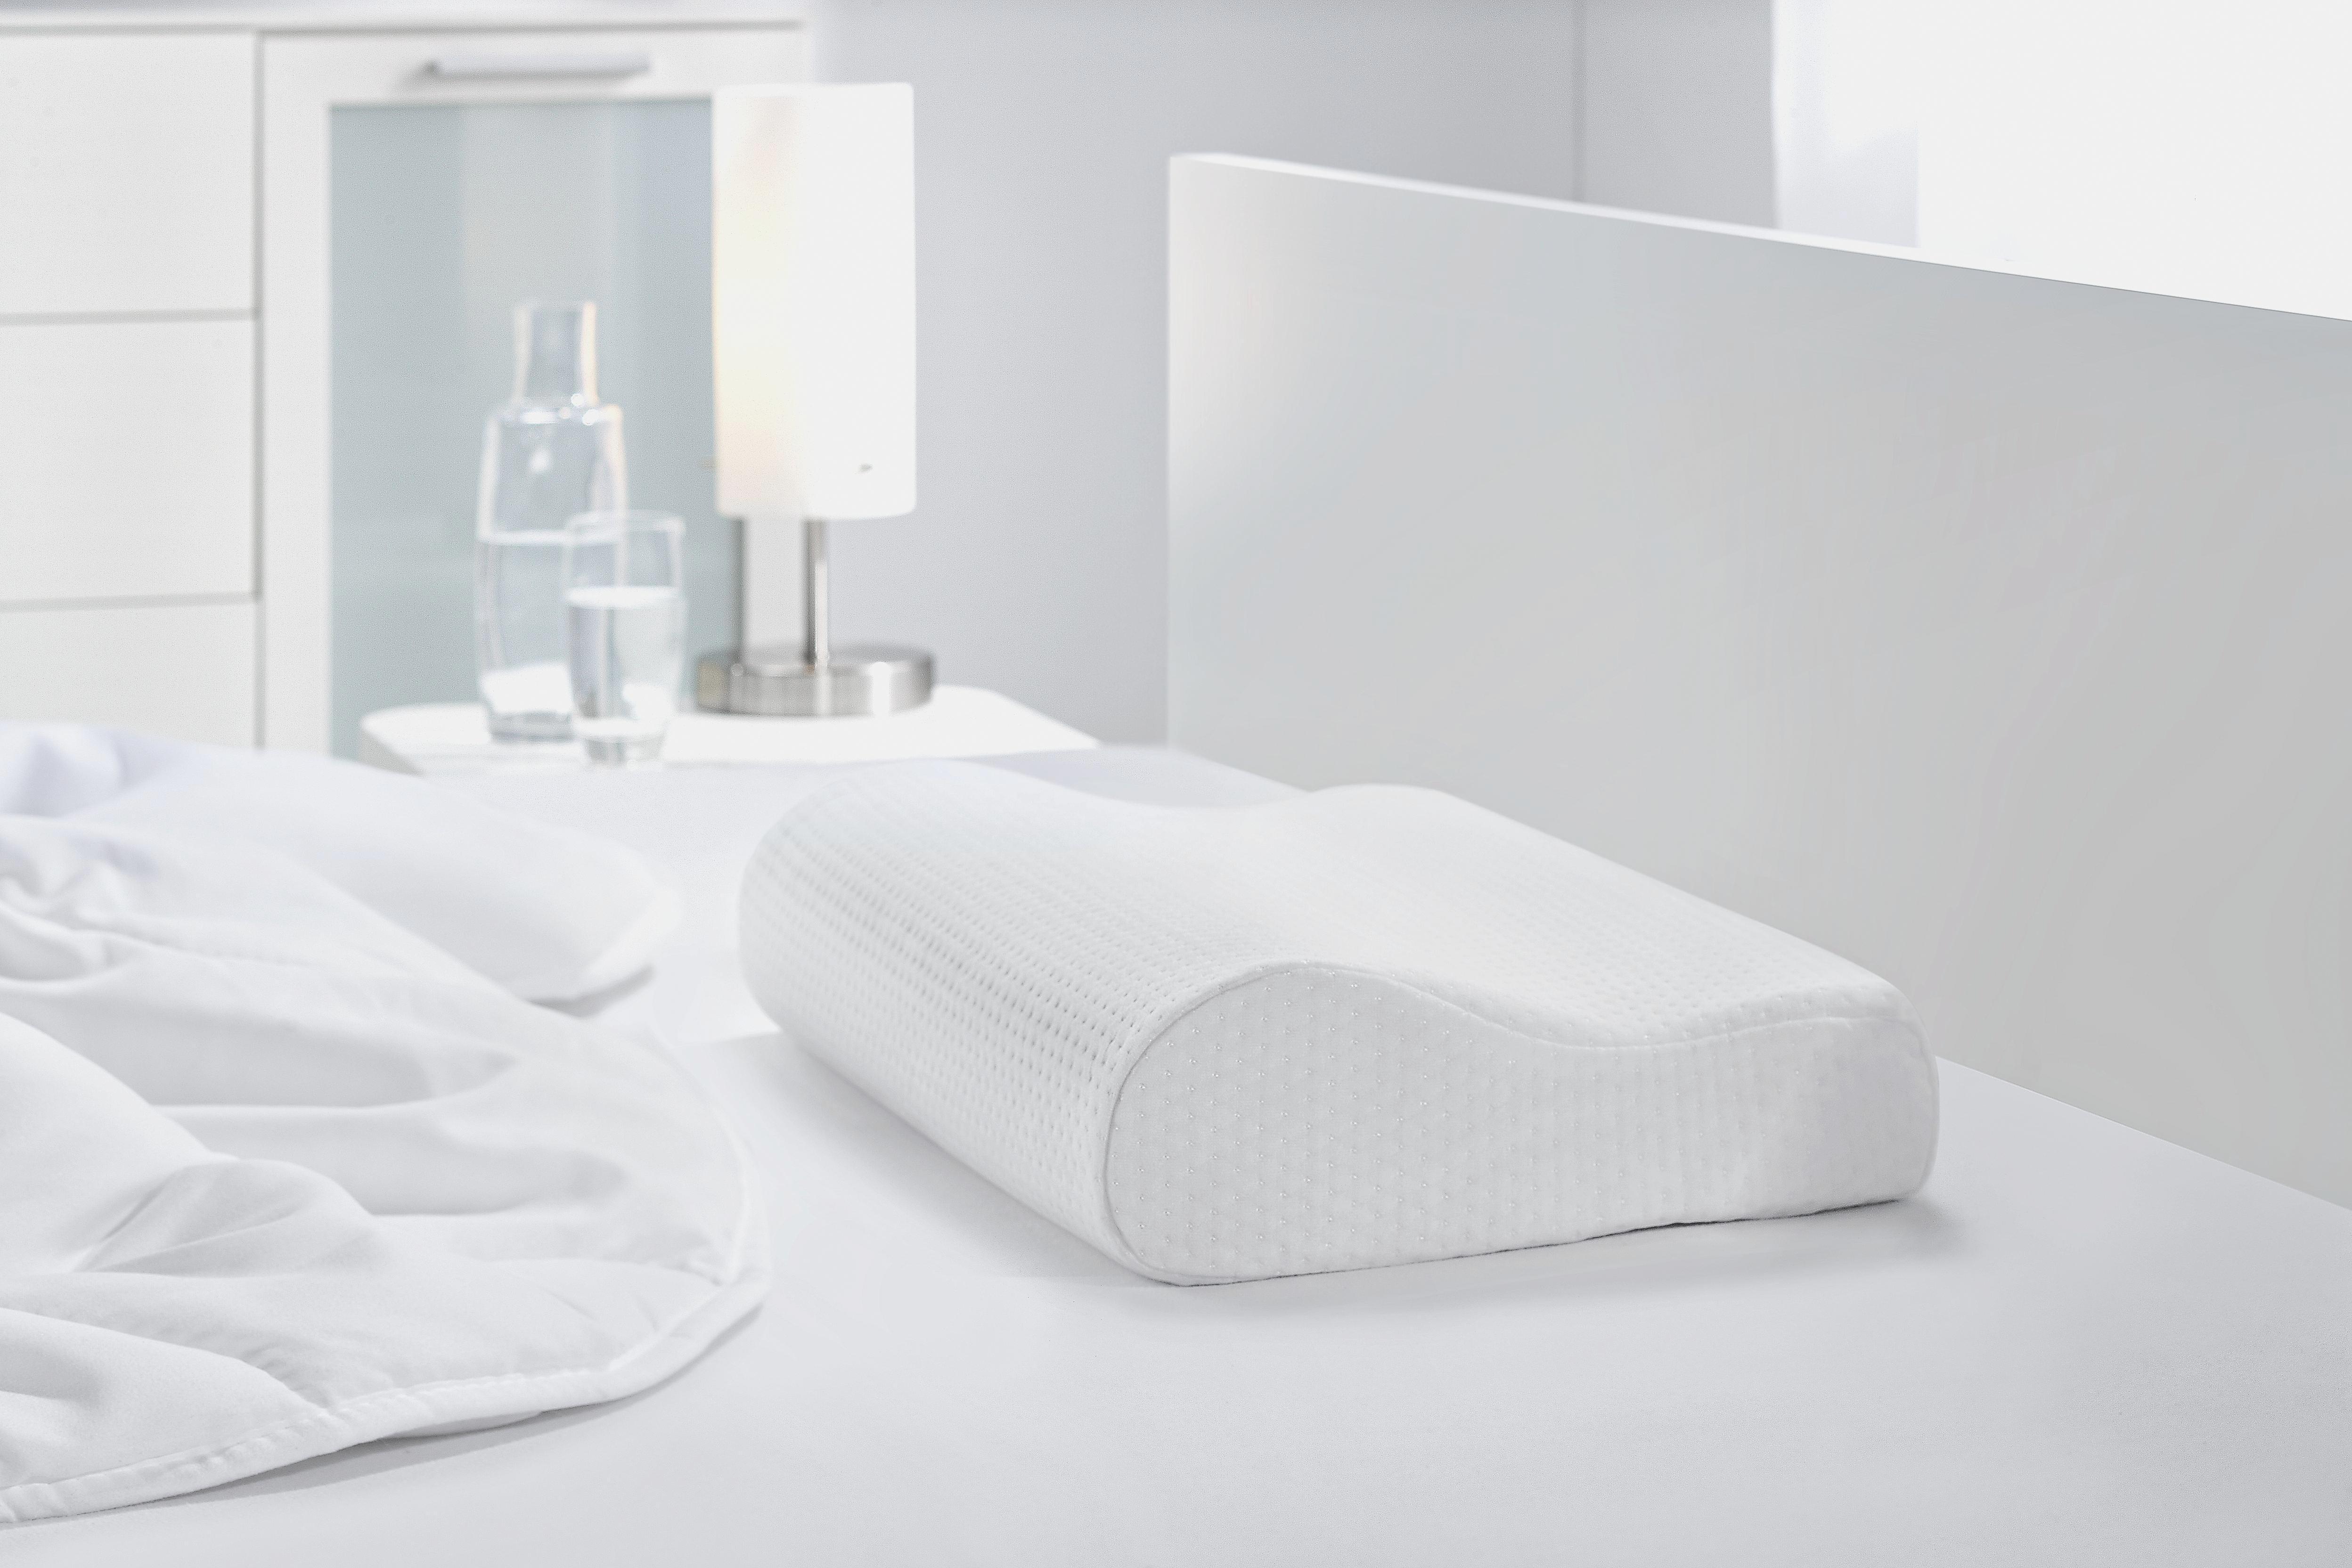 Šíjový Polštář Visco Comfort - bílá, textil (30/48/11cm) - MÖMAX modern living